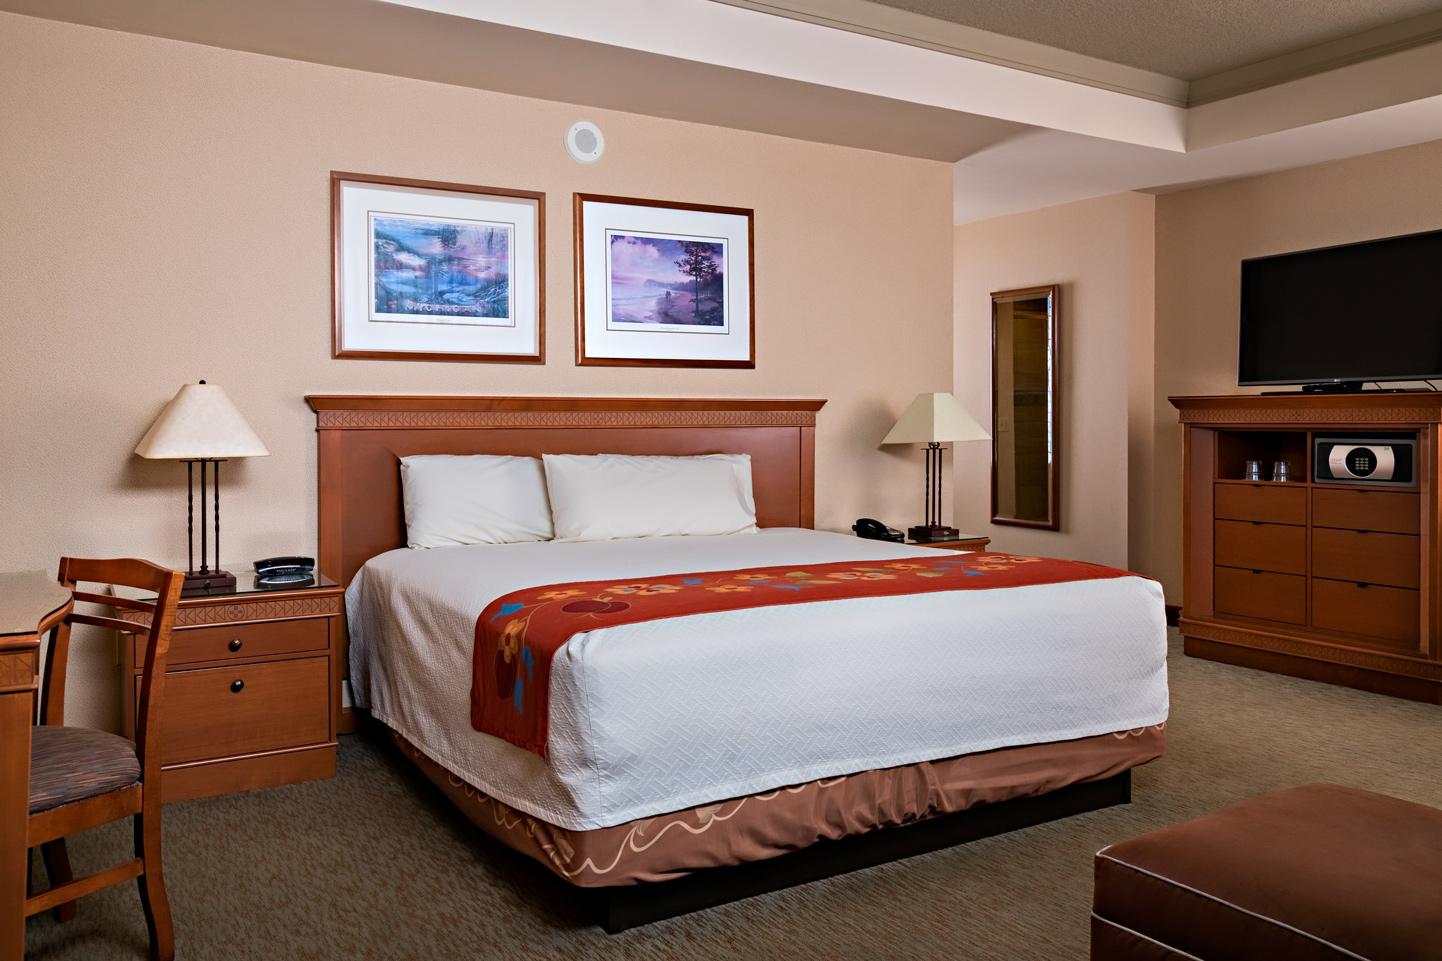 hotel suite bedroom MI